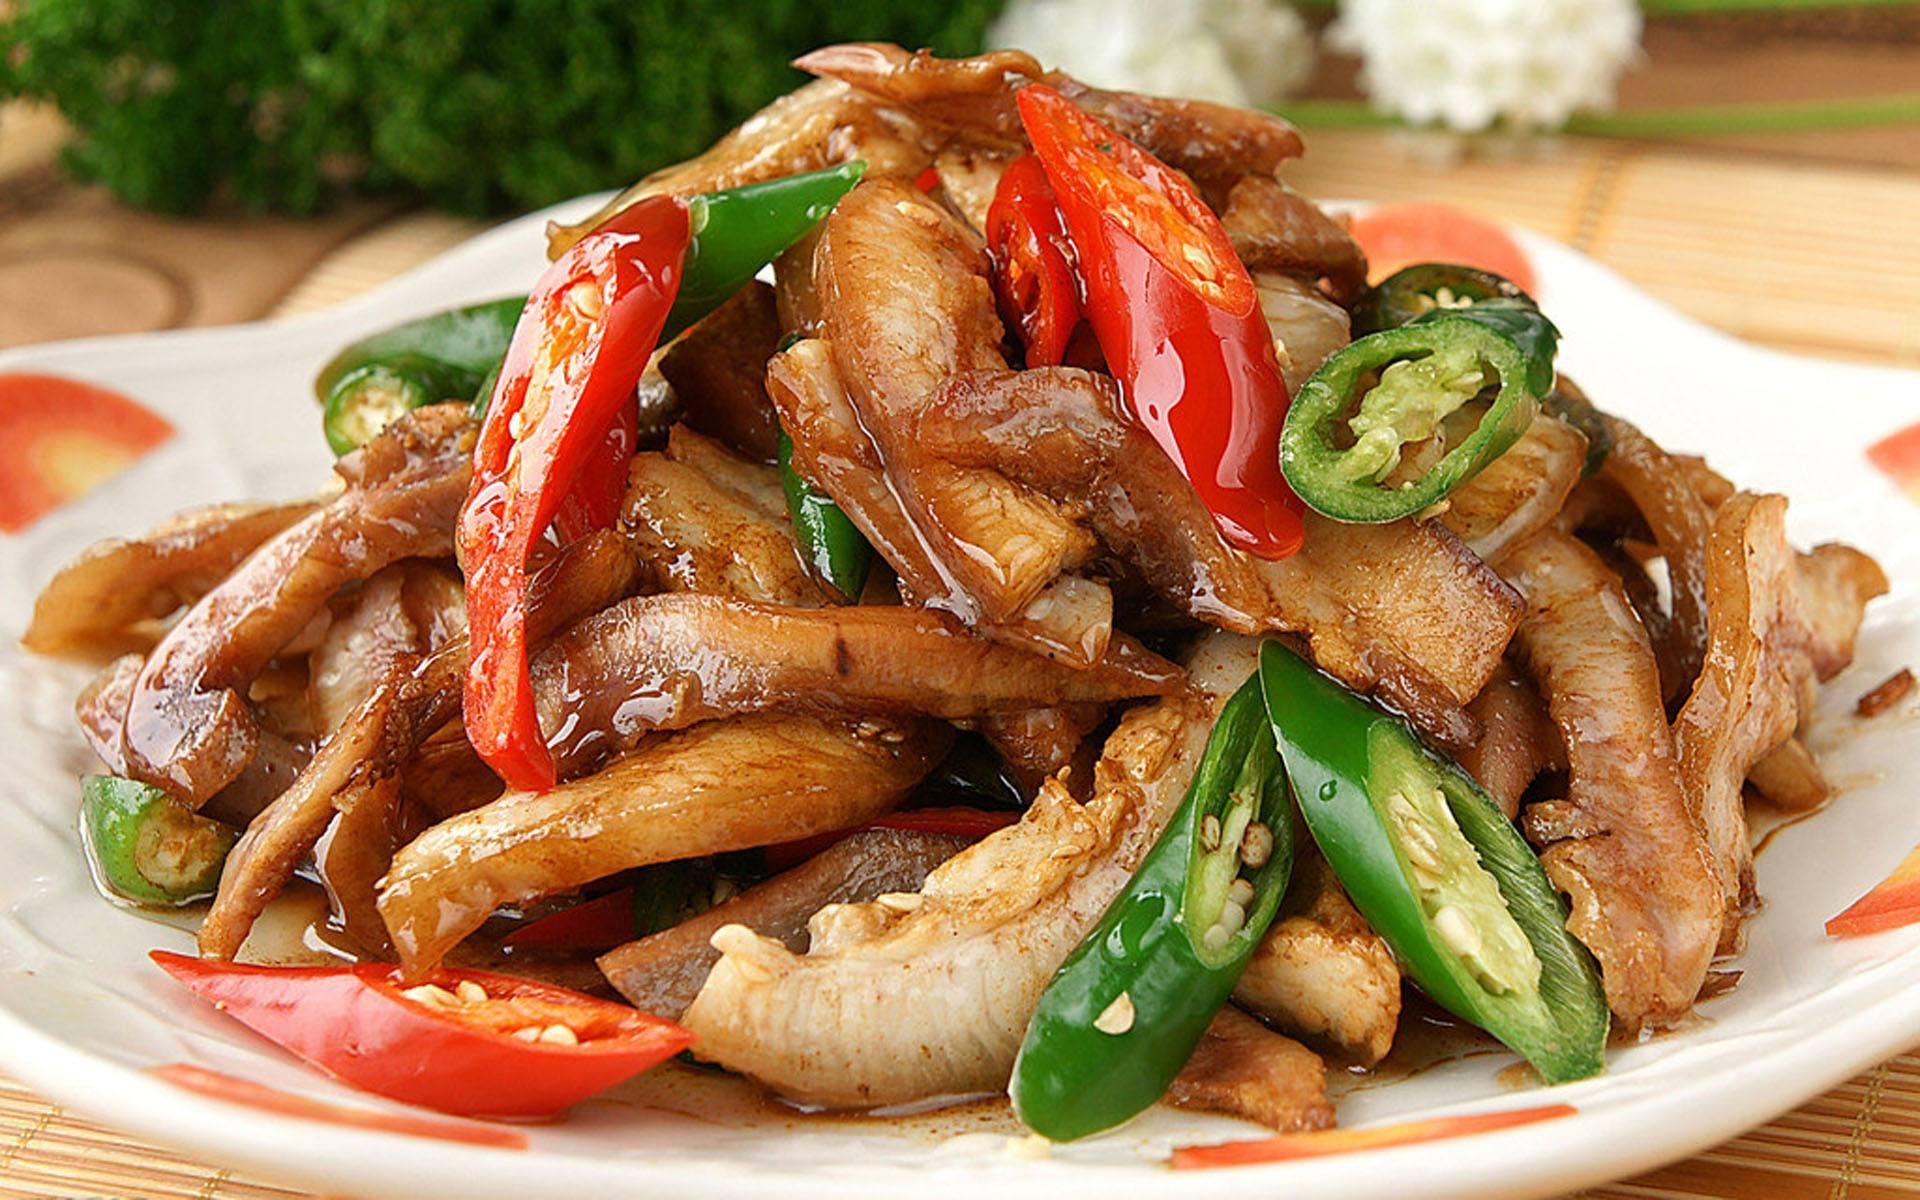 国民川菜回锅肉,家常做法一看